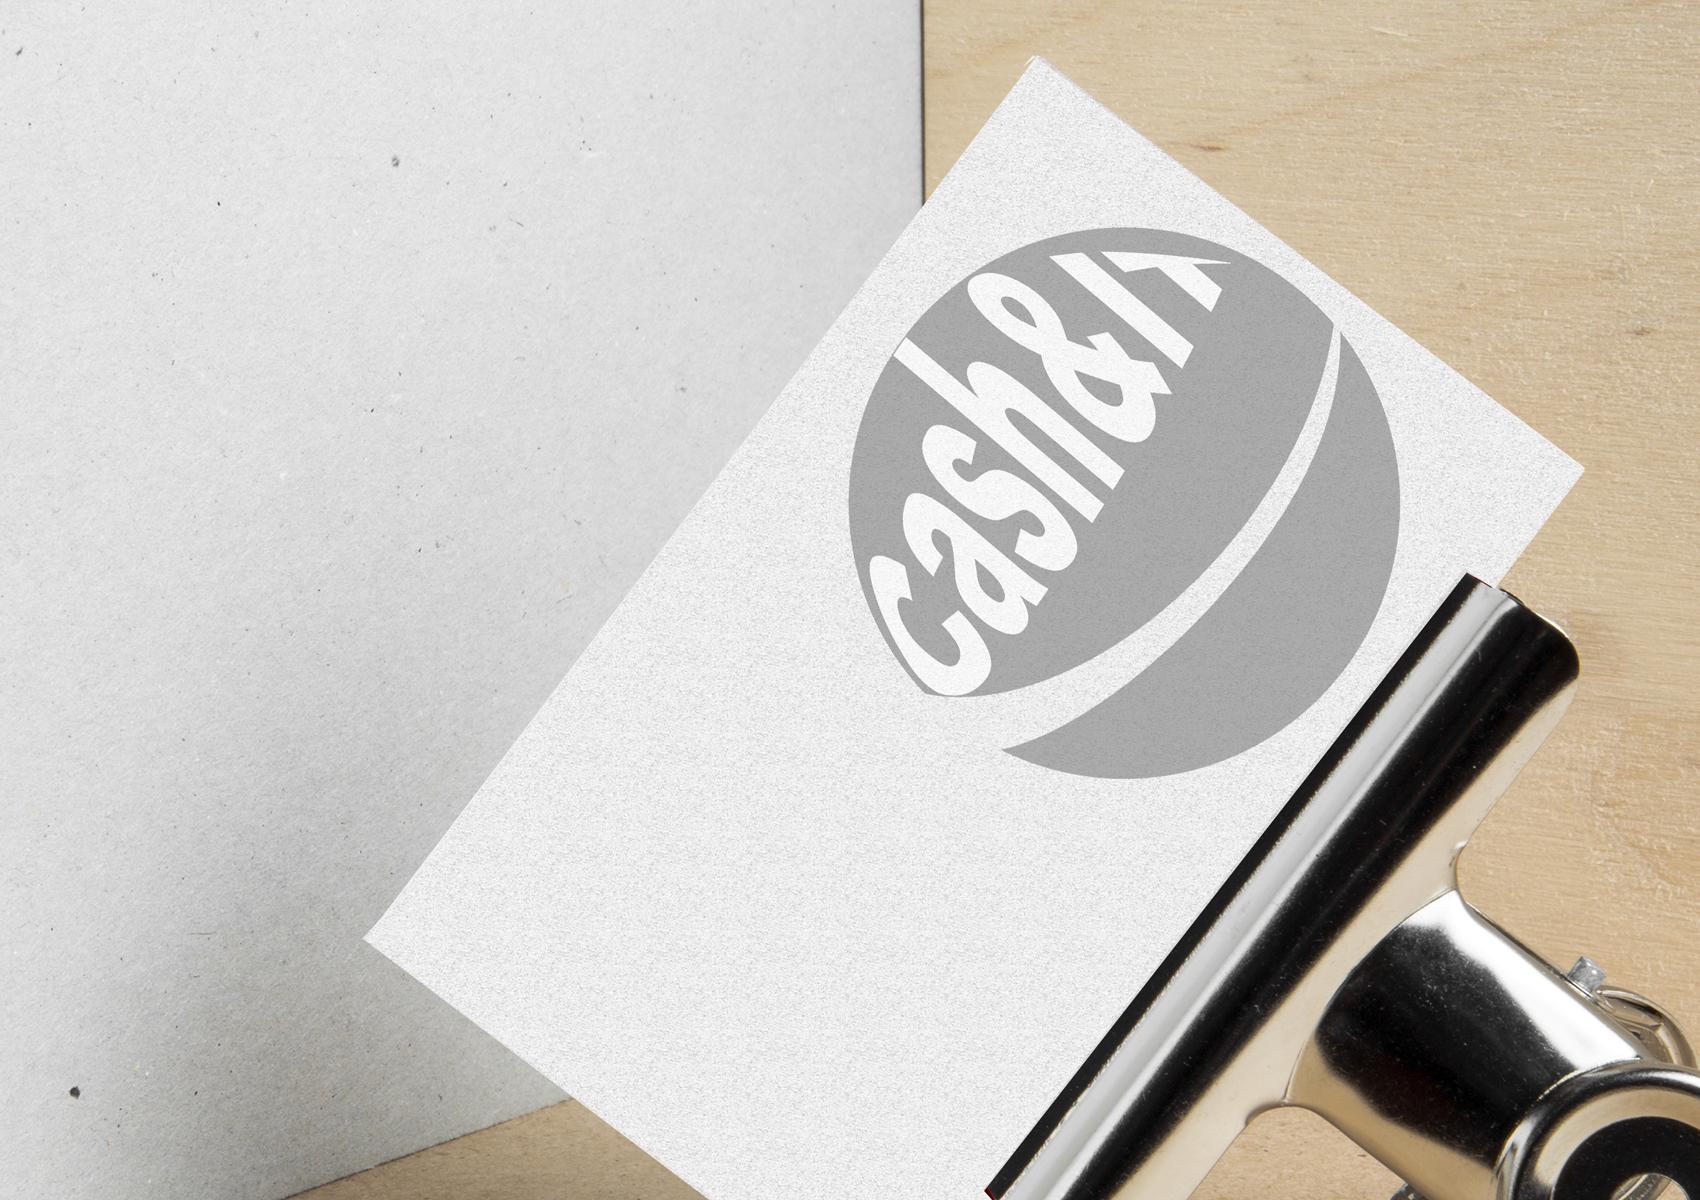 Логотип для Cash & IT - сервис доставки денег фото f_1755fddc23865b4b.jpg